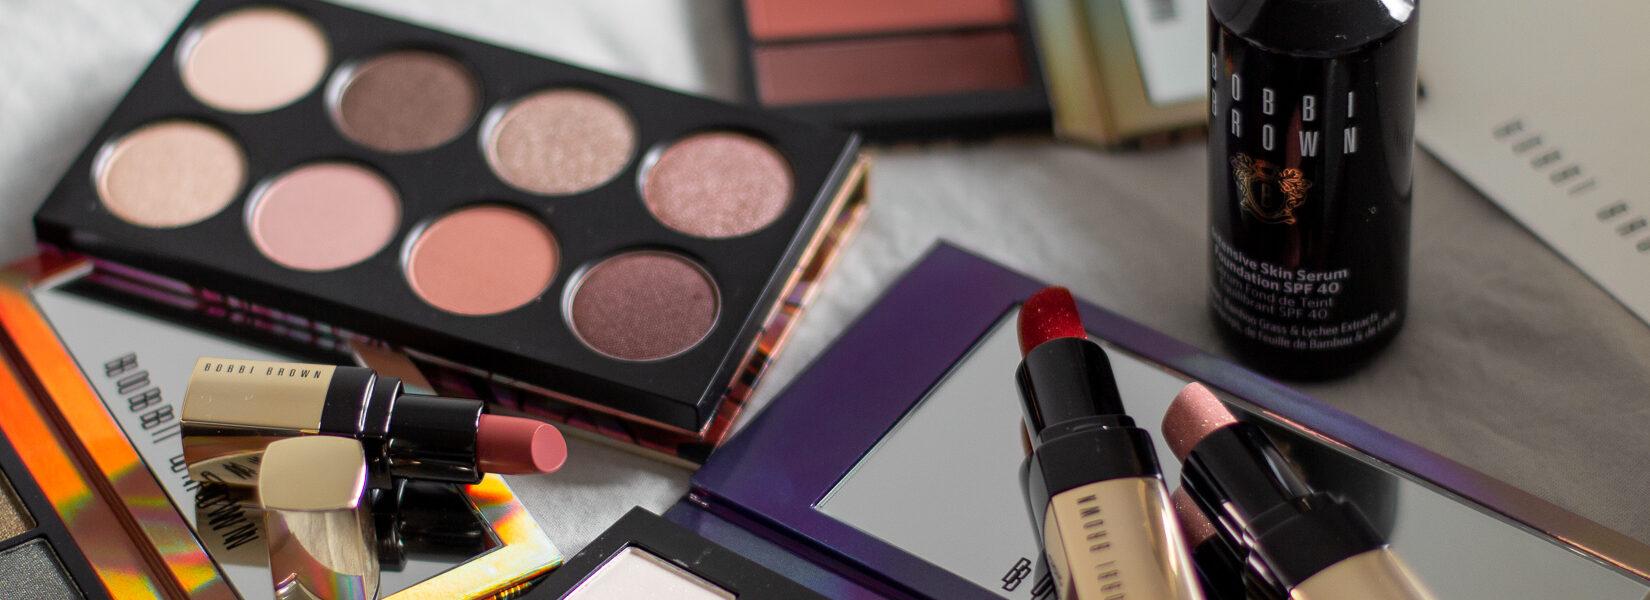 Moje sbírka kosmetiky!! Nové video: My Makeup Collection 2019